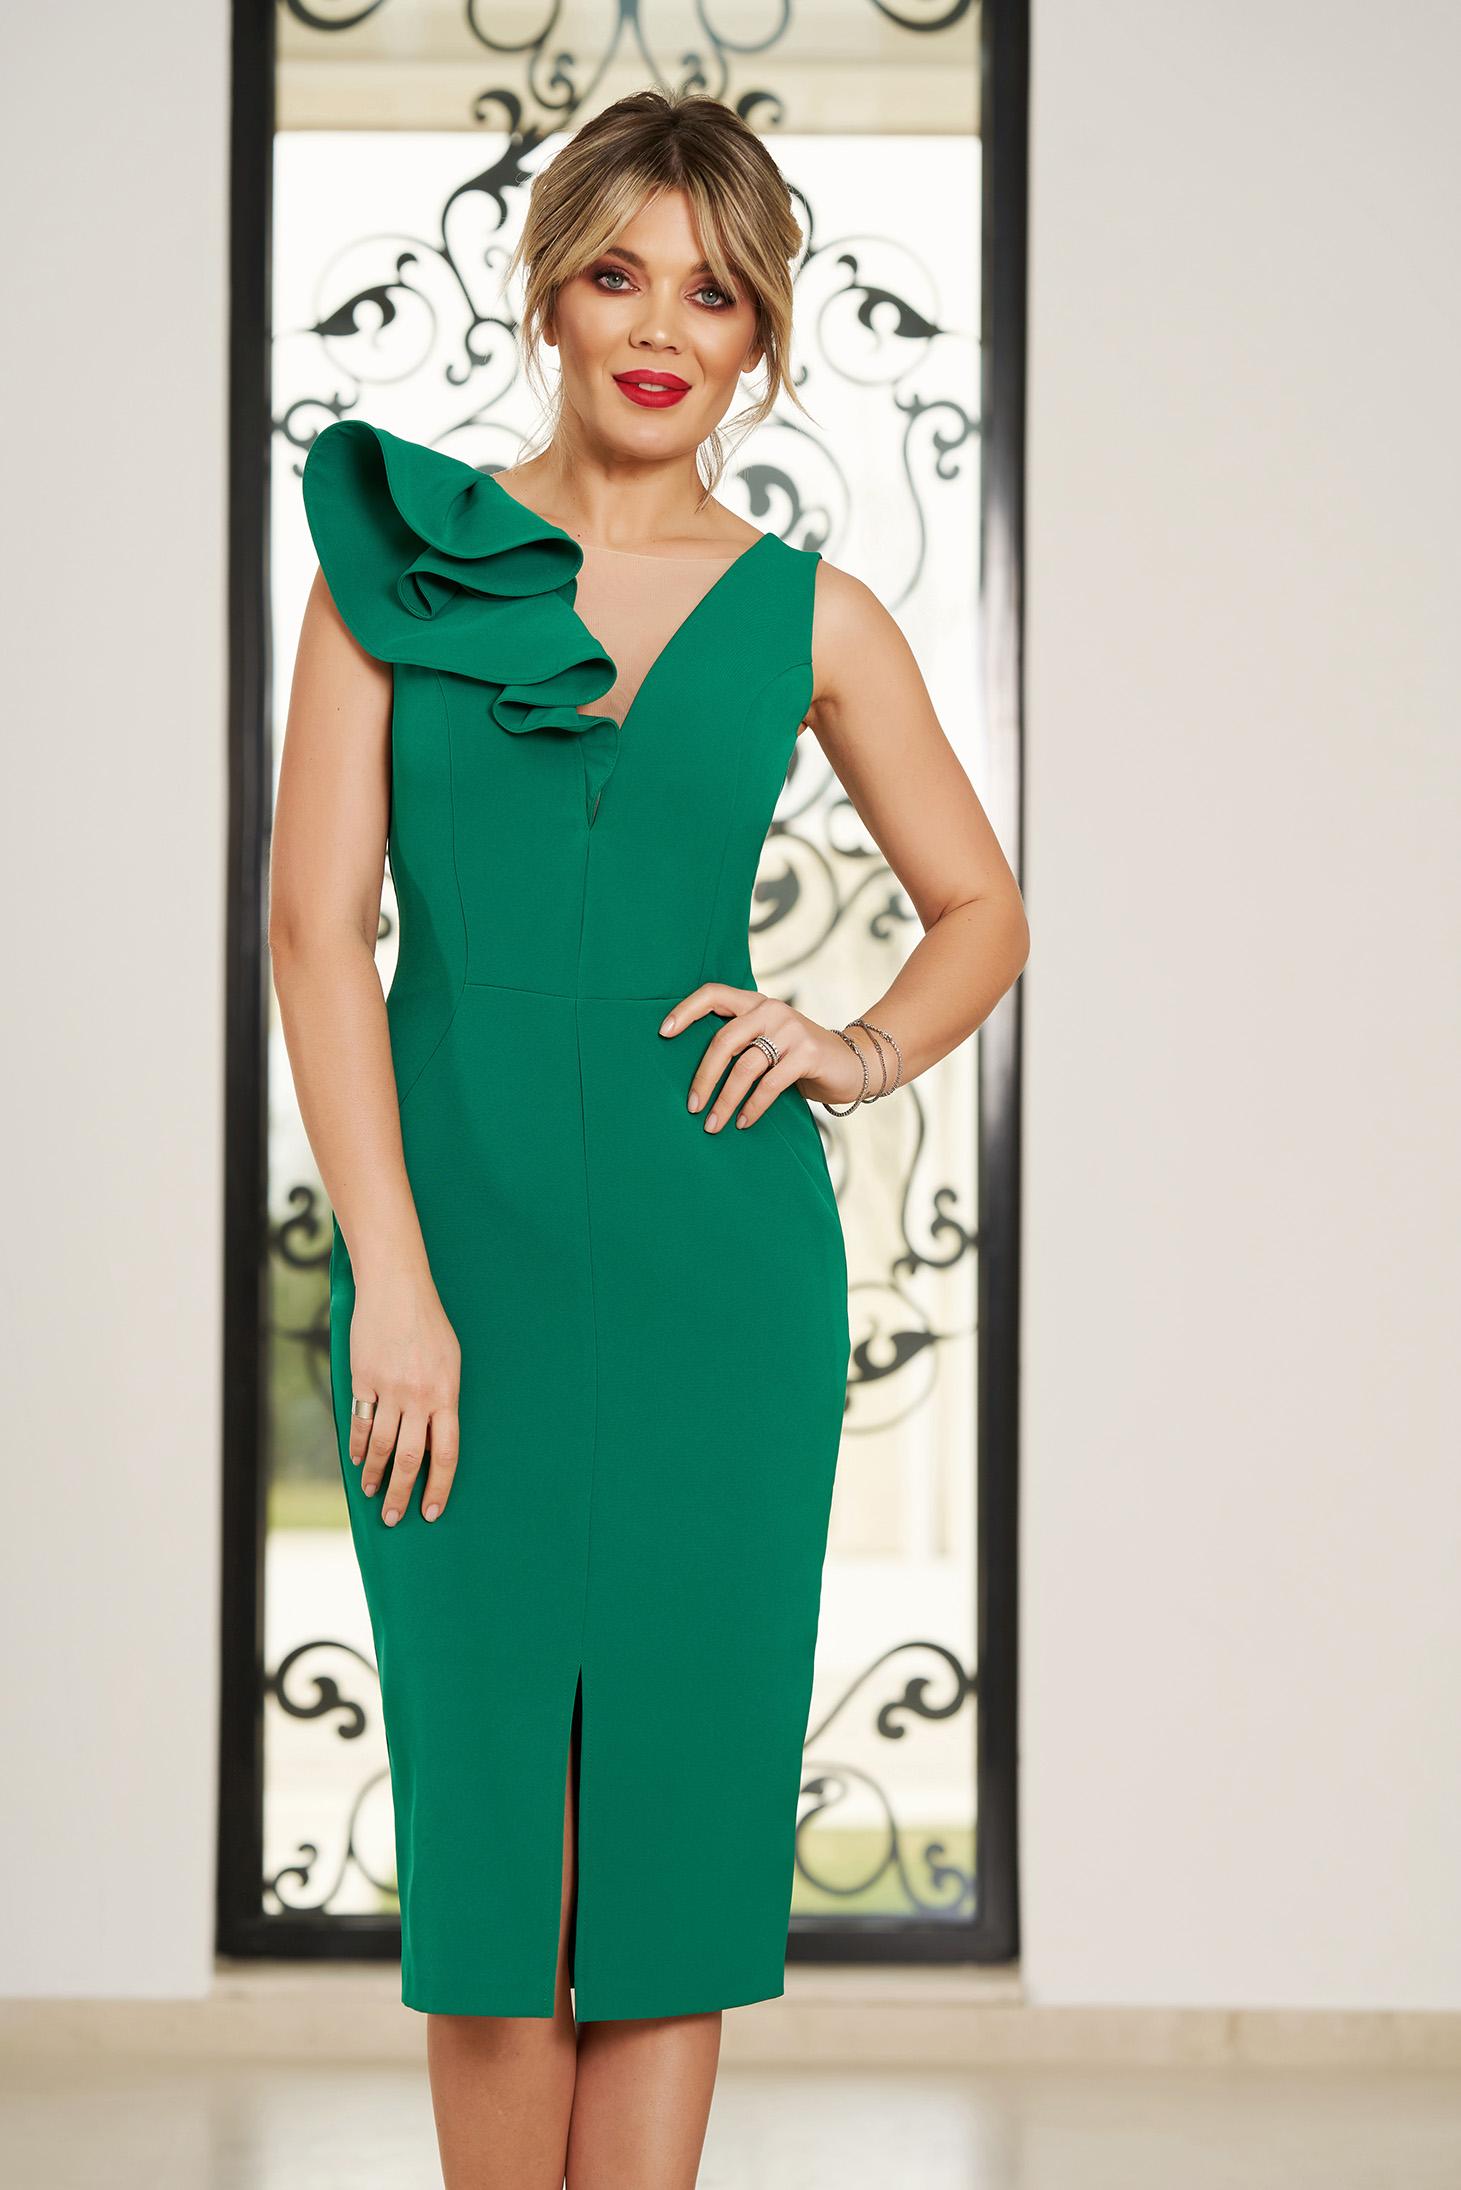 Rochie StarShinerS verde de ocazie cu decolteu in v cu un croi mulat din stofa usor elastica cu volanase